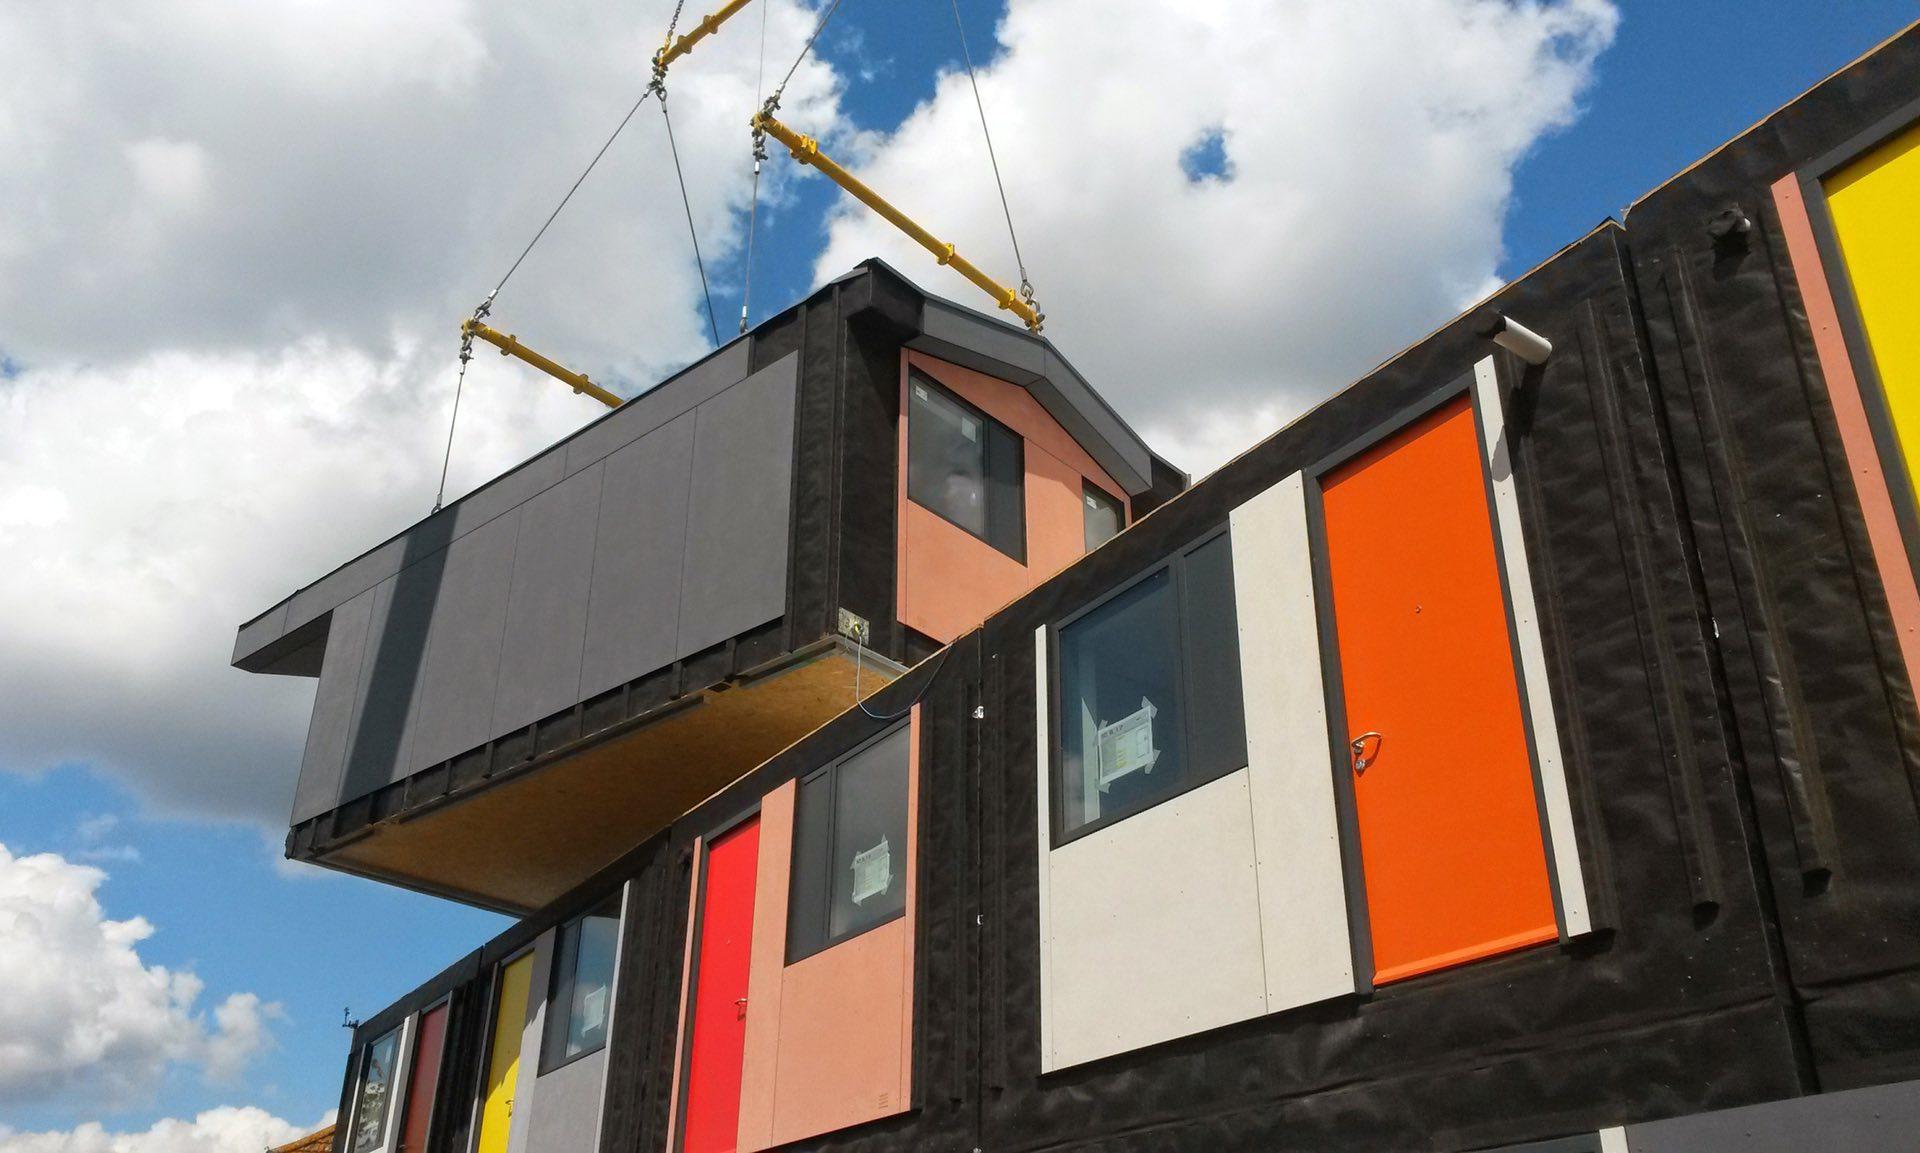 Os apartamentos empilháveis e coloridos feitos para ajudar desabrigados 9